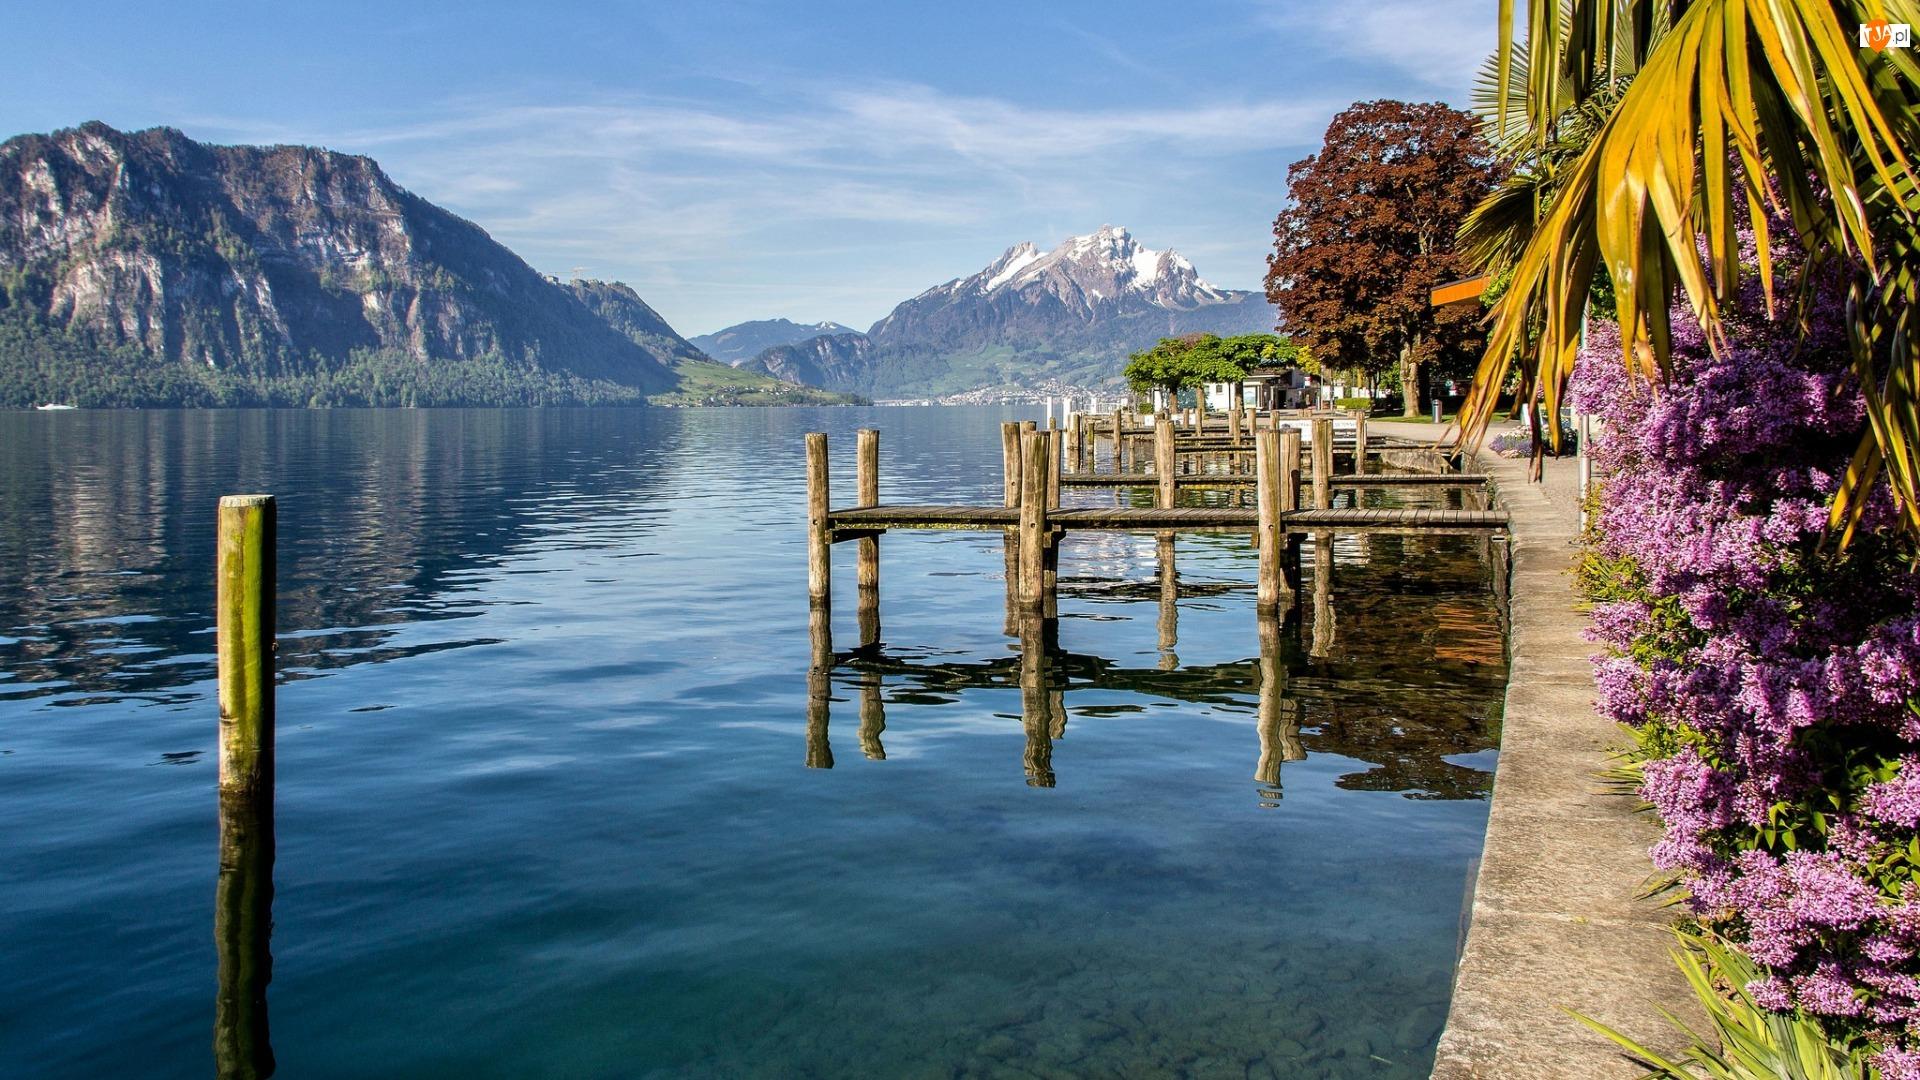 Kwiaty, Góry, Bez, Kanton Lucerna, Jezioro Czterech Kantonów, Szwajcaria, Drzewa, Gmina Weggis, Pomosty